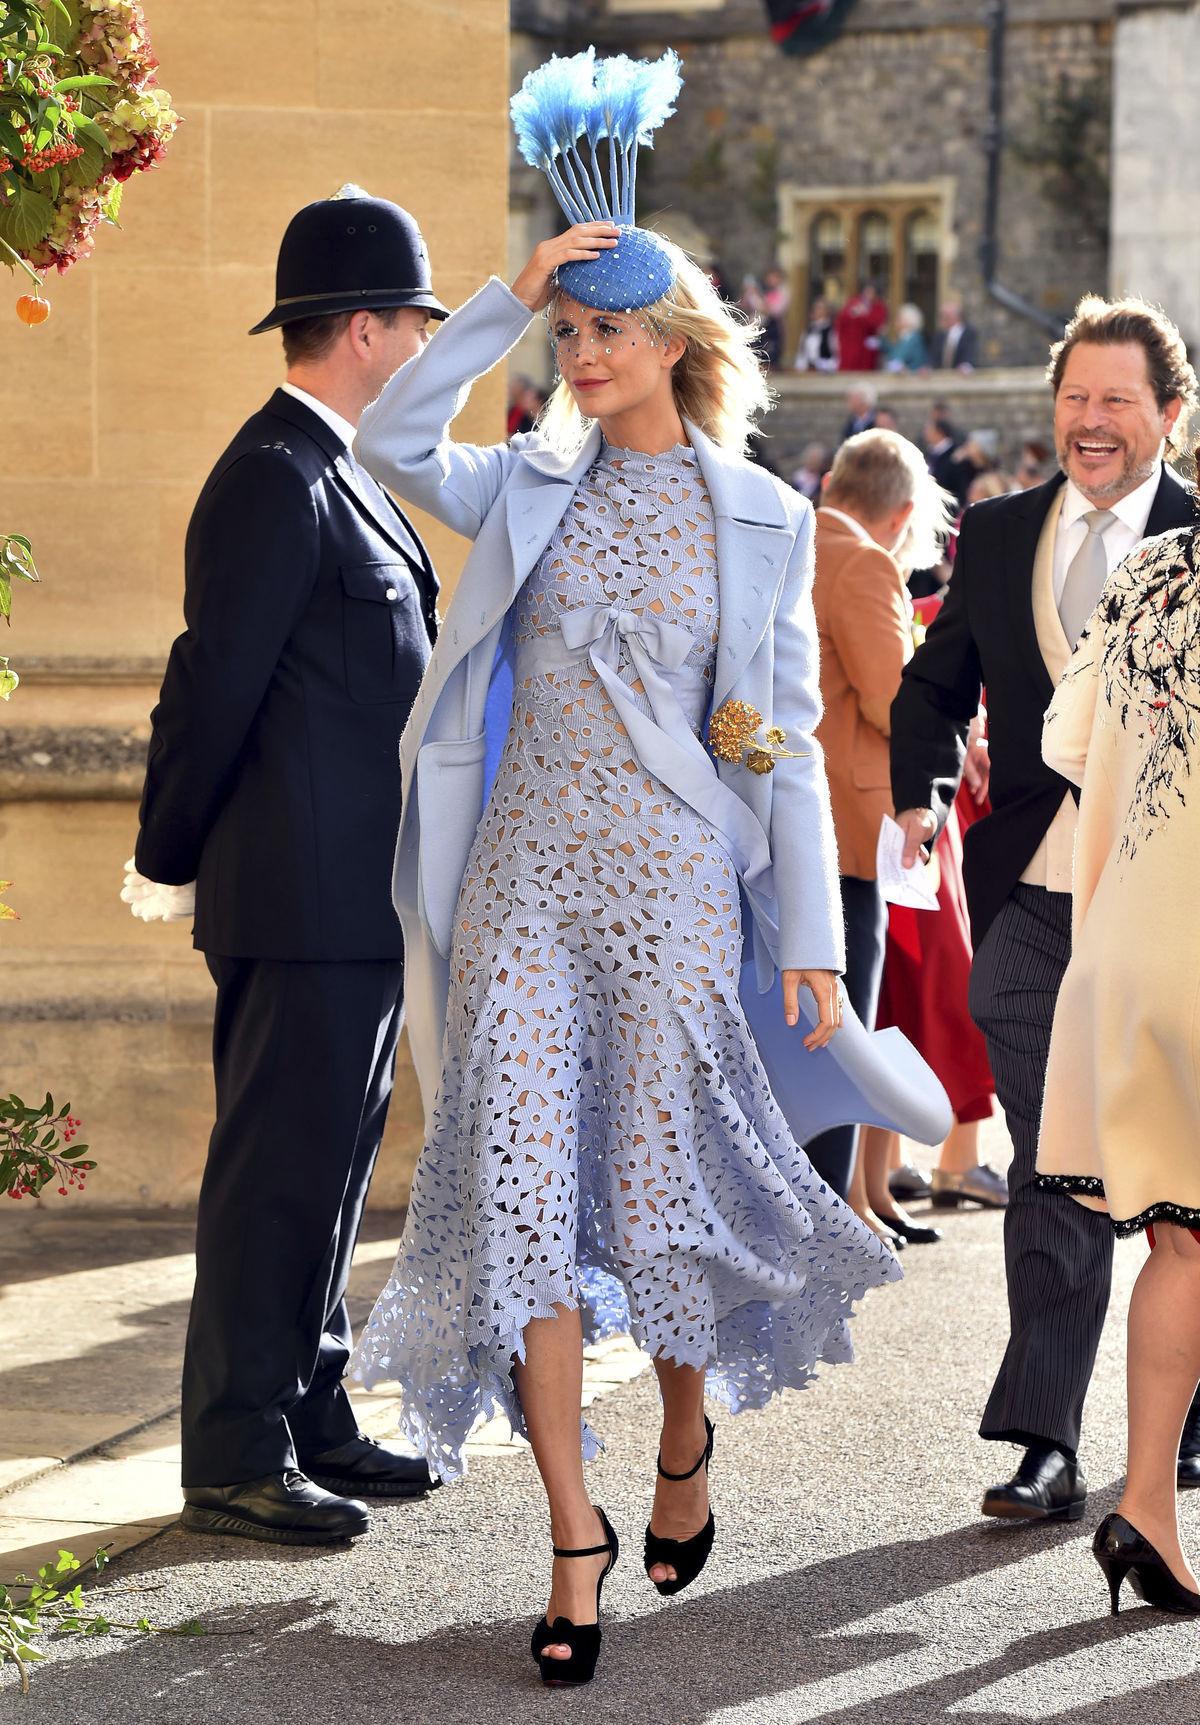 645087a70bac Modelka Poppy Delevingne v šatách Oscar de la Renta